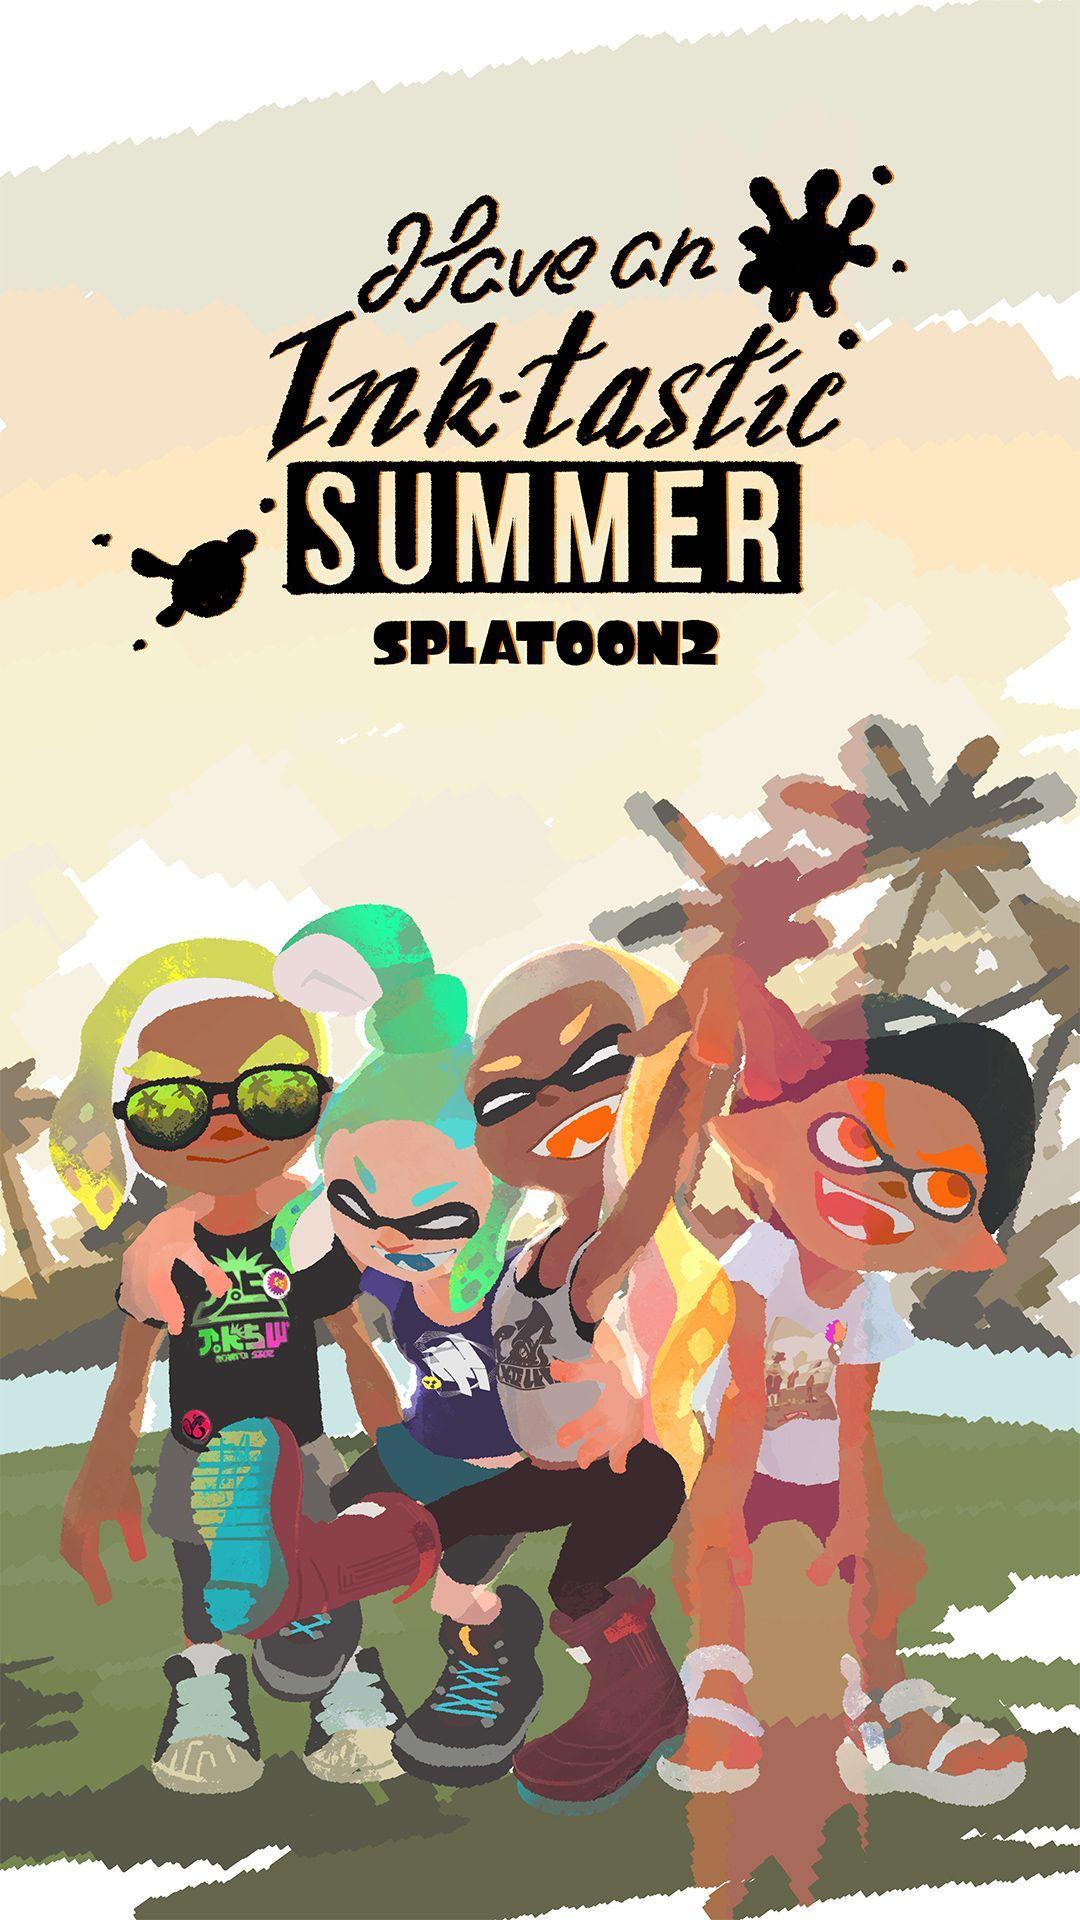 Splatoon 2 Wallpapers - Top Free Splatoon 2 Backgrounds ...